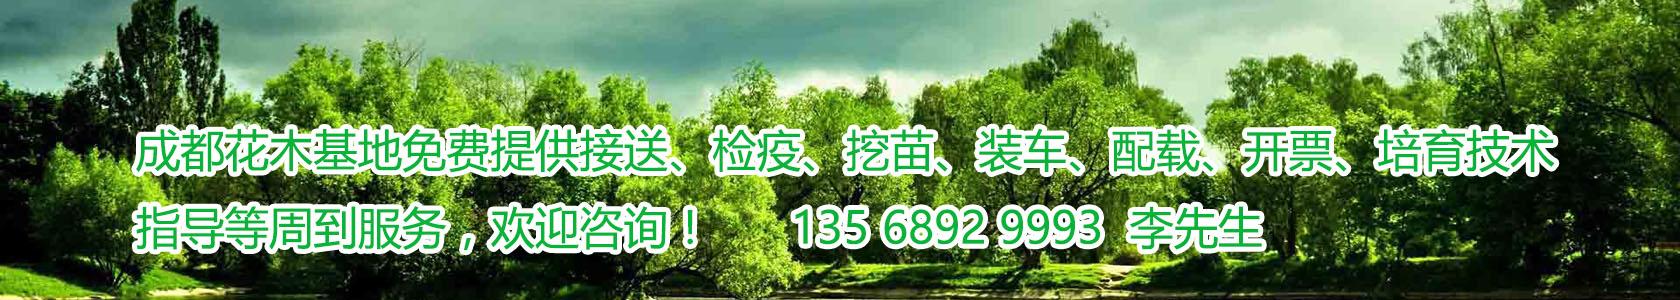 四川成都温江郫县花木苗圃